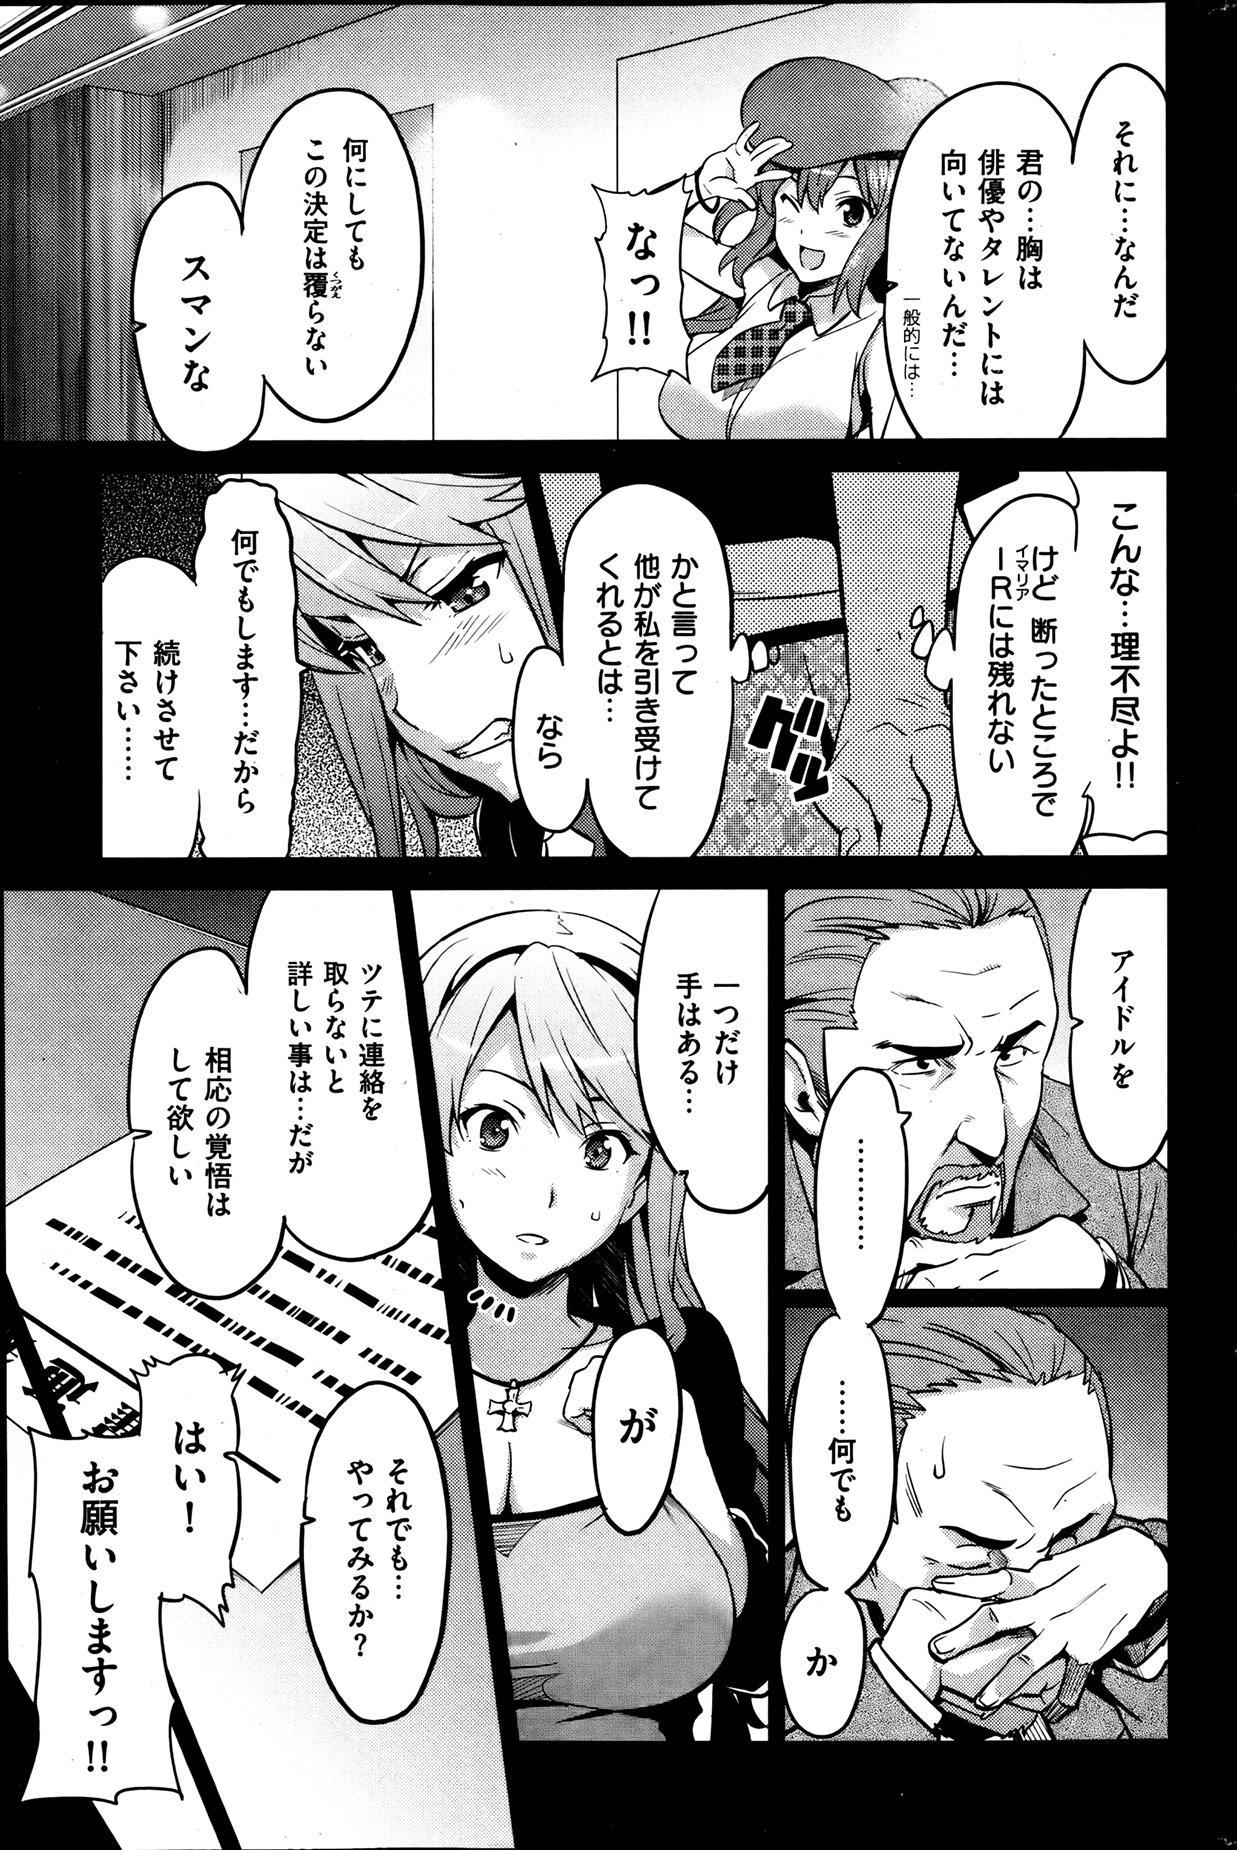 COMIC HANA-MAN 2013-08 Takeda Hiromitsu Tokushuu 192